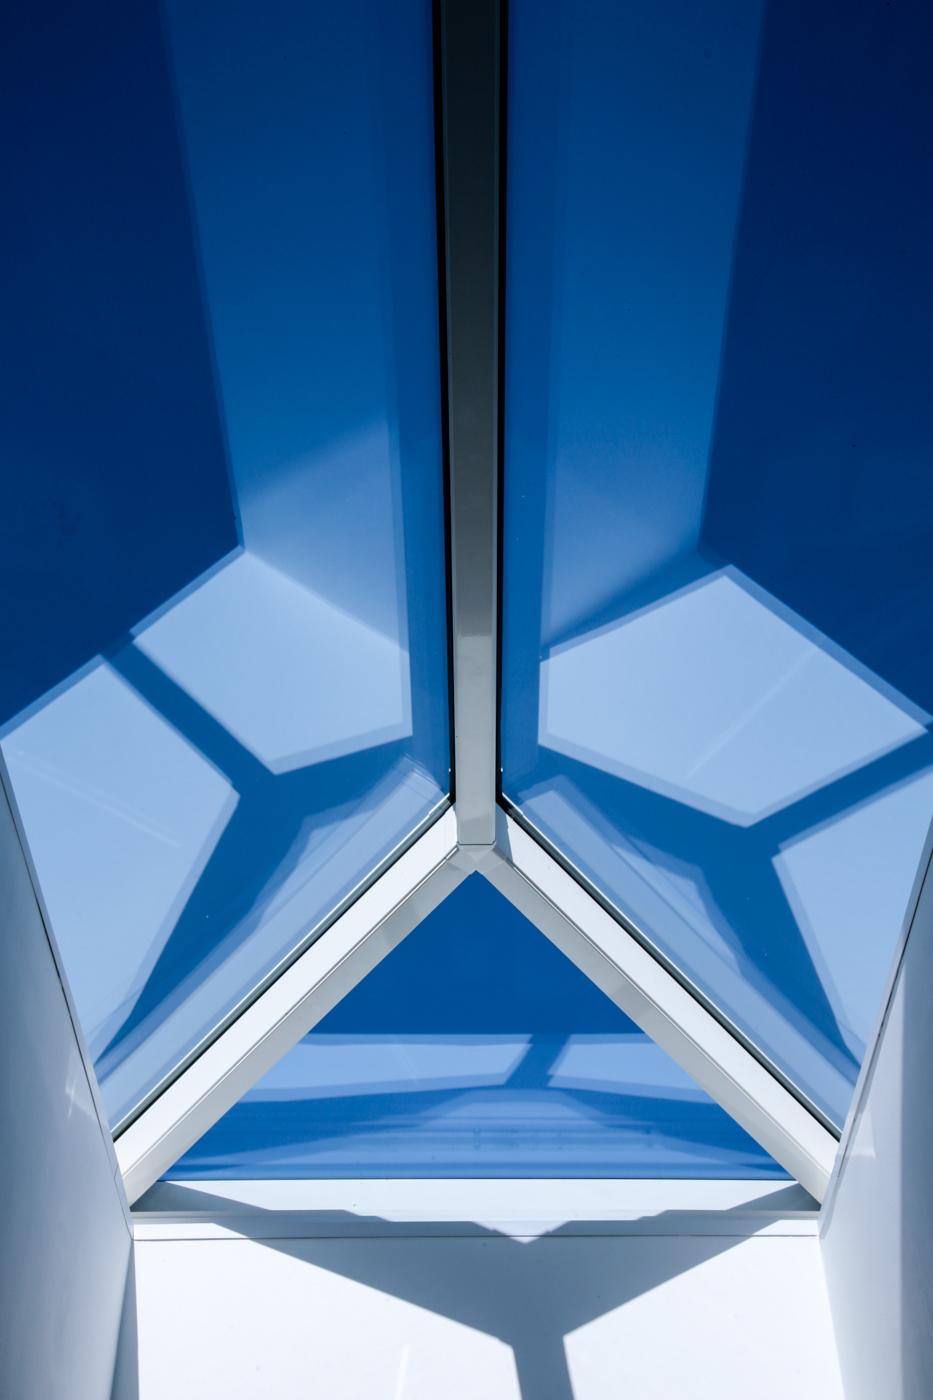 034-Rooflight-by-Paul-Lehane